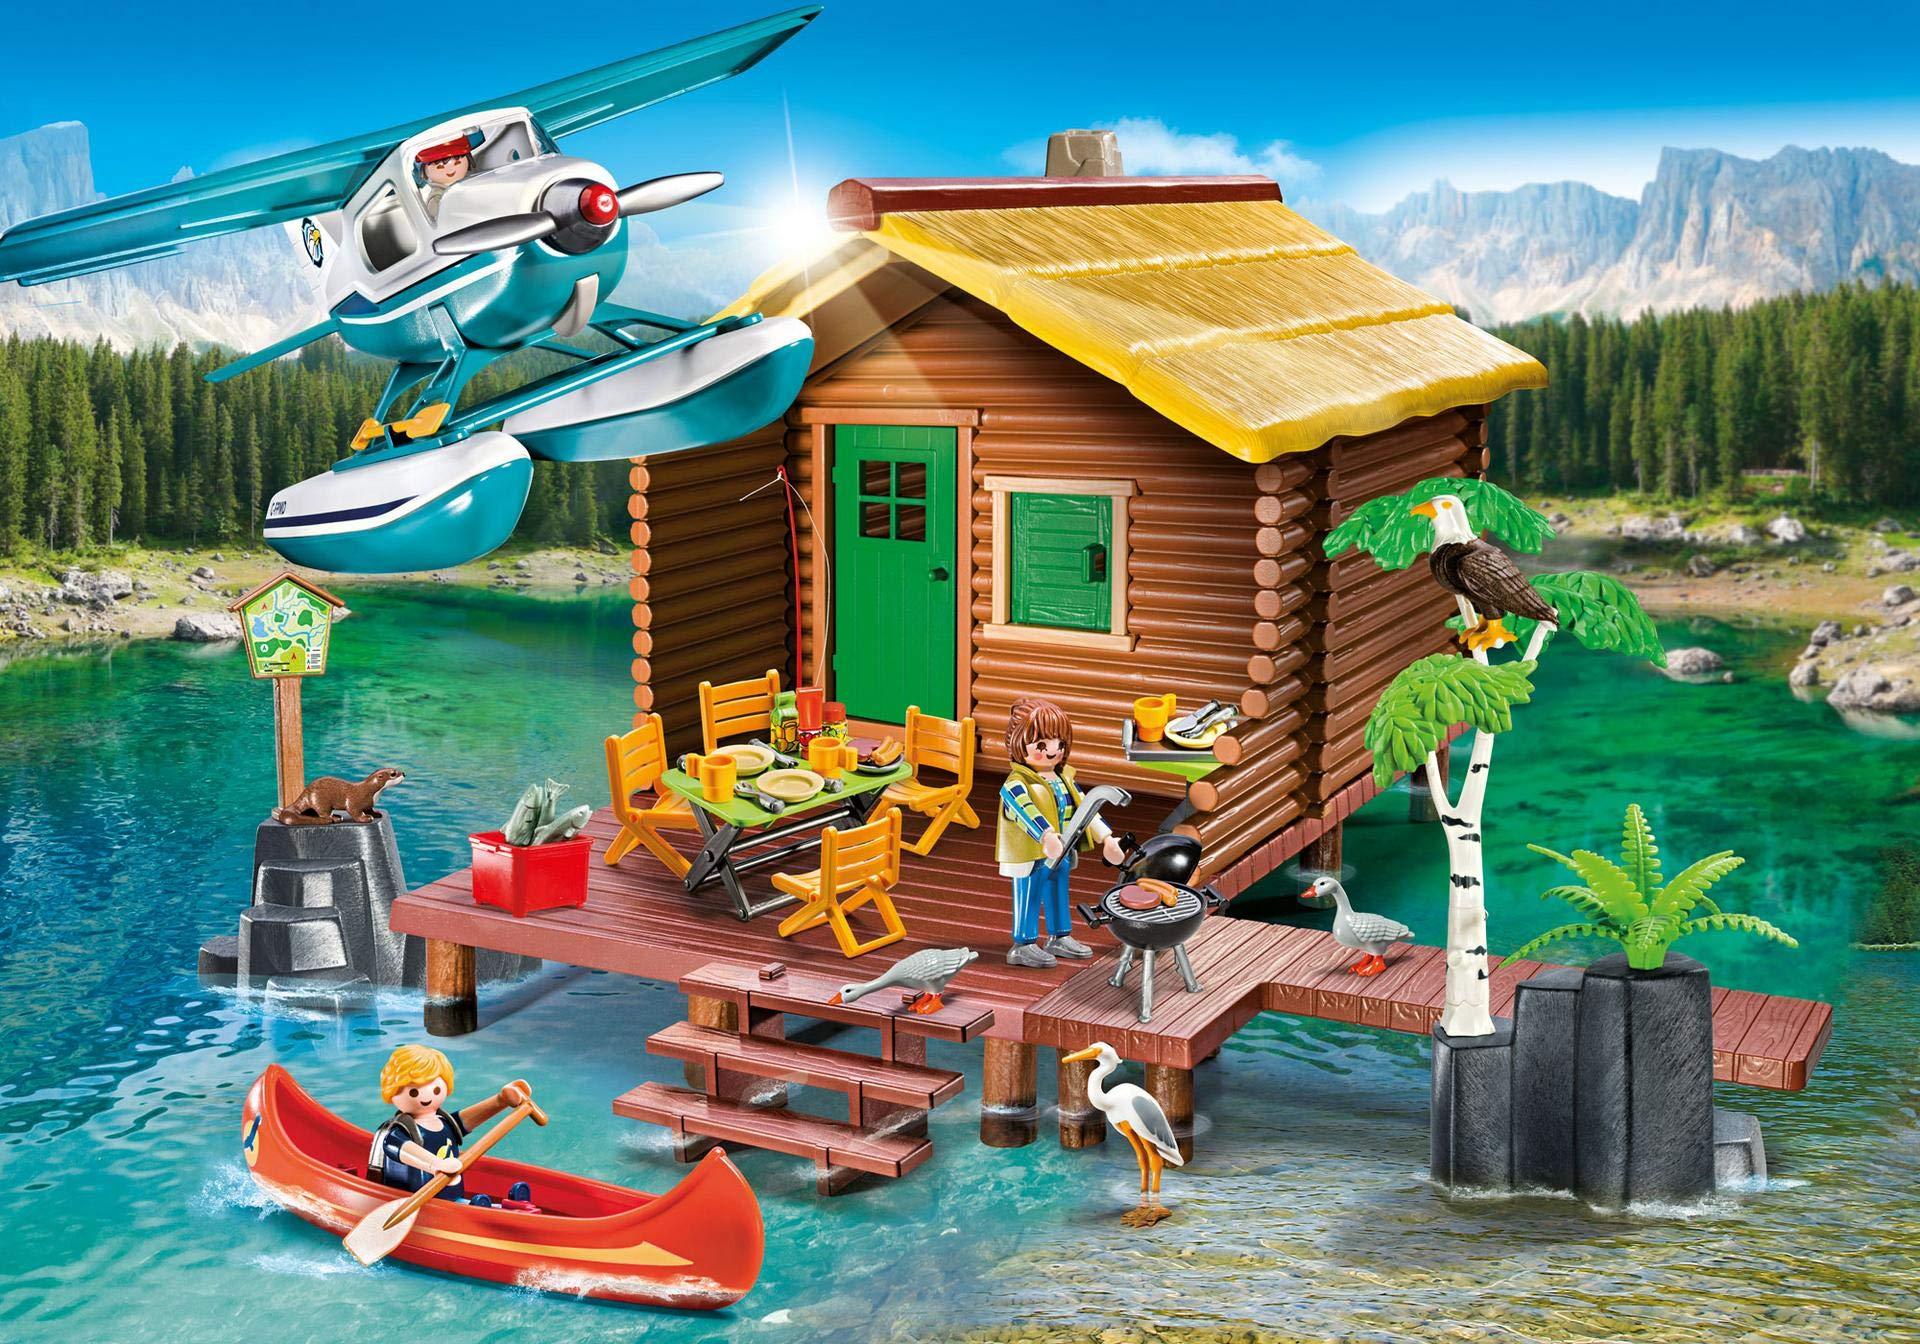 Idee Cadeau Etats Unis.Details Sur Jouet Enfant Jeu Construction Playmobil La Cabane Du Lac 9320 Idee Cadeau Noel